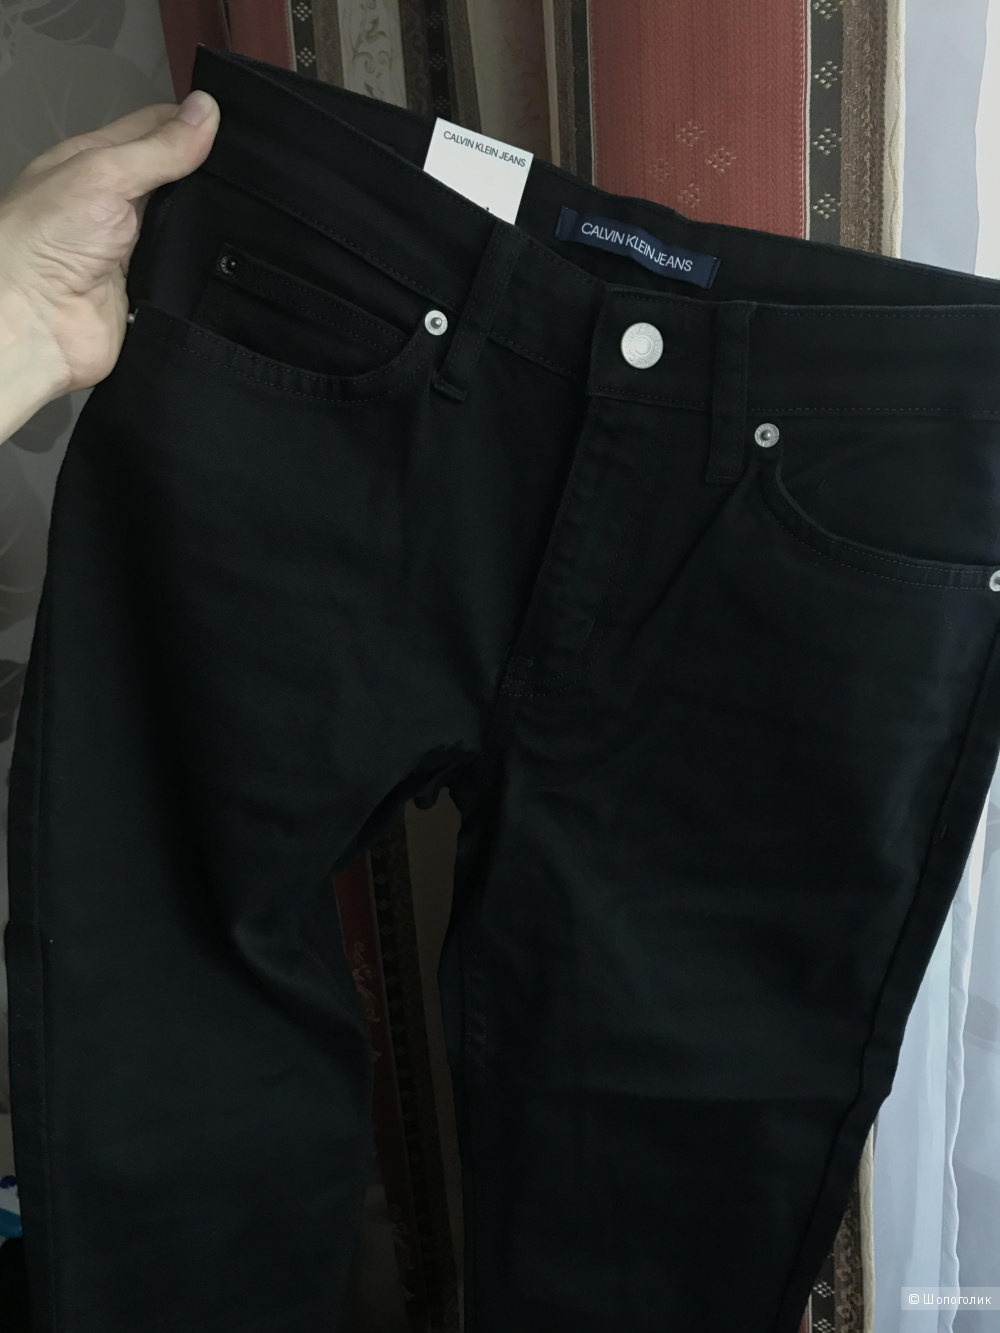 Джинсы Calvin Klein 26 размер (на 25 скорее)